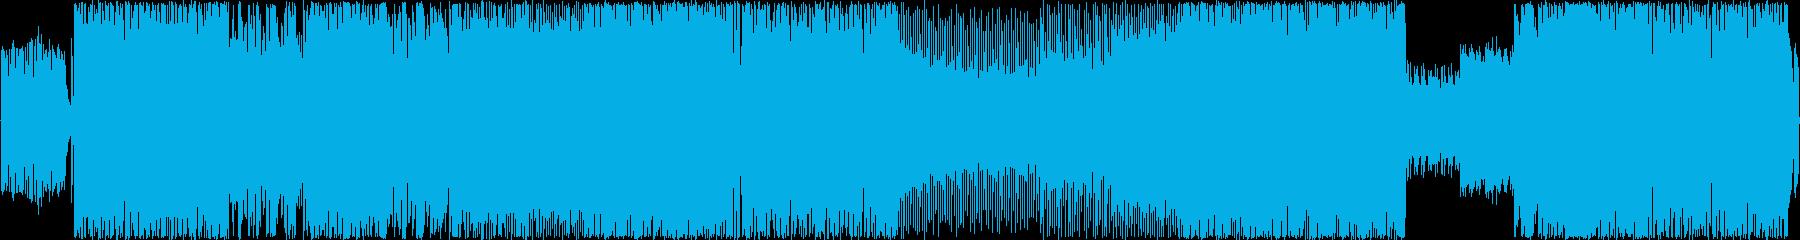 アップテンポなJ-ROCK風の楽曲の再生済みの波形